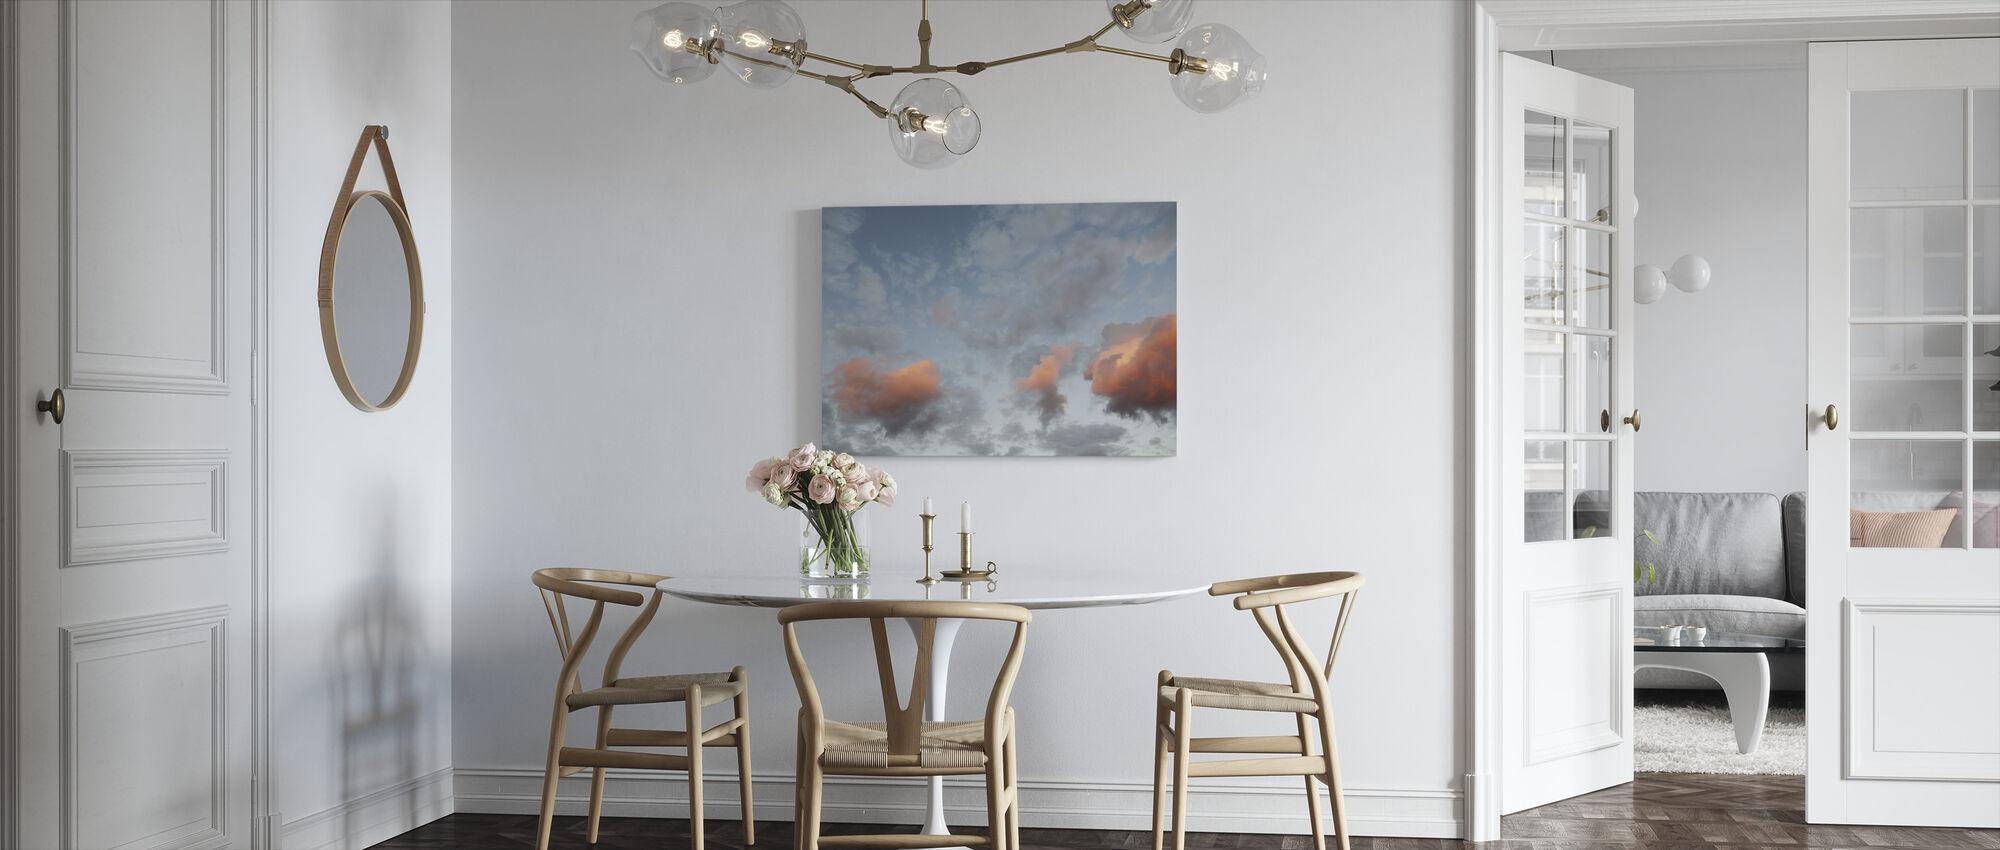 Moln och himmel - Canvastavla - Kök